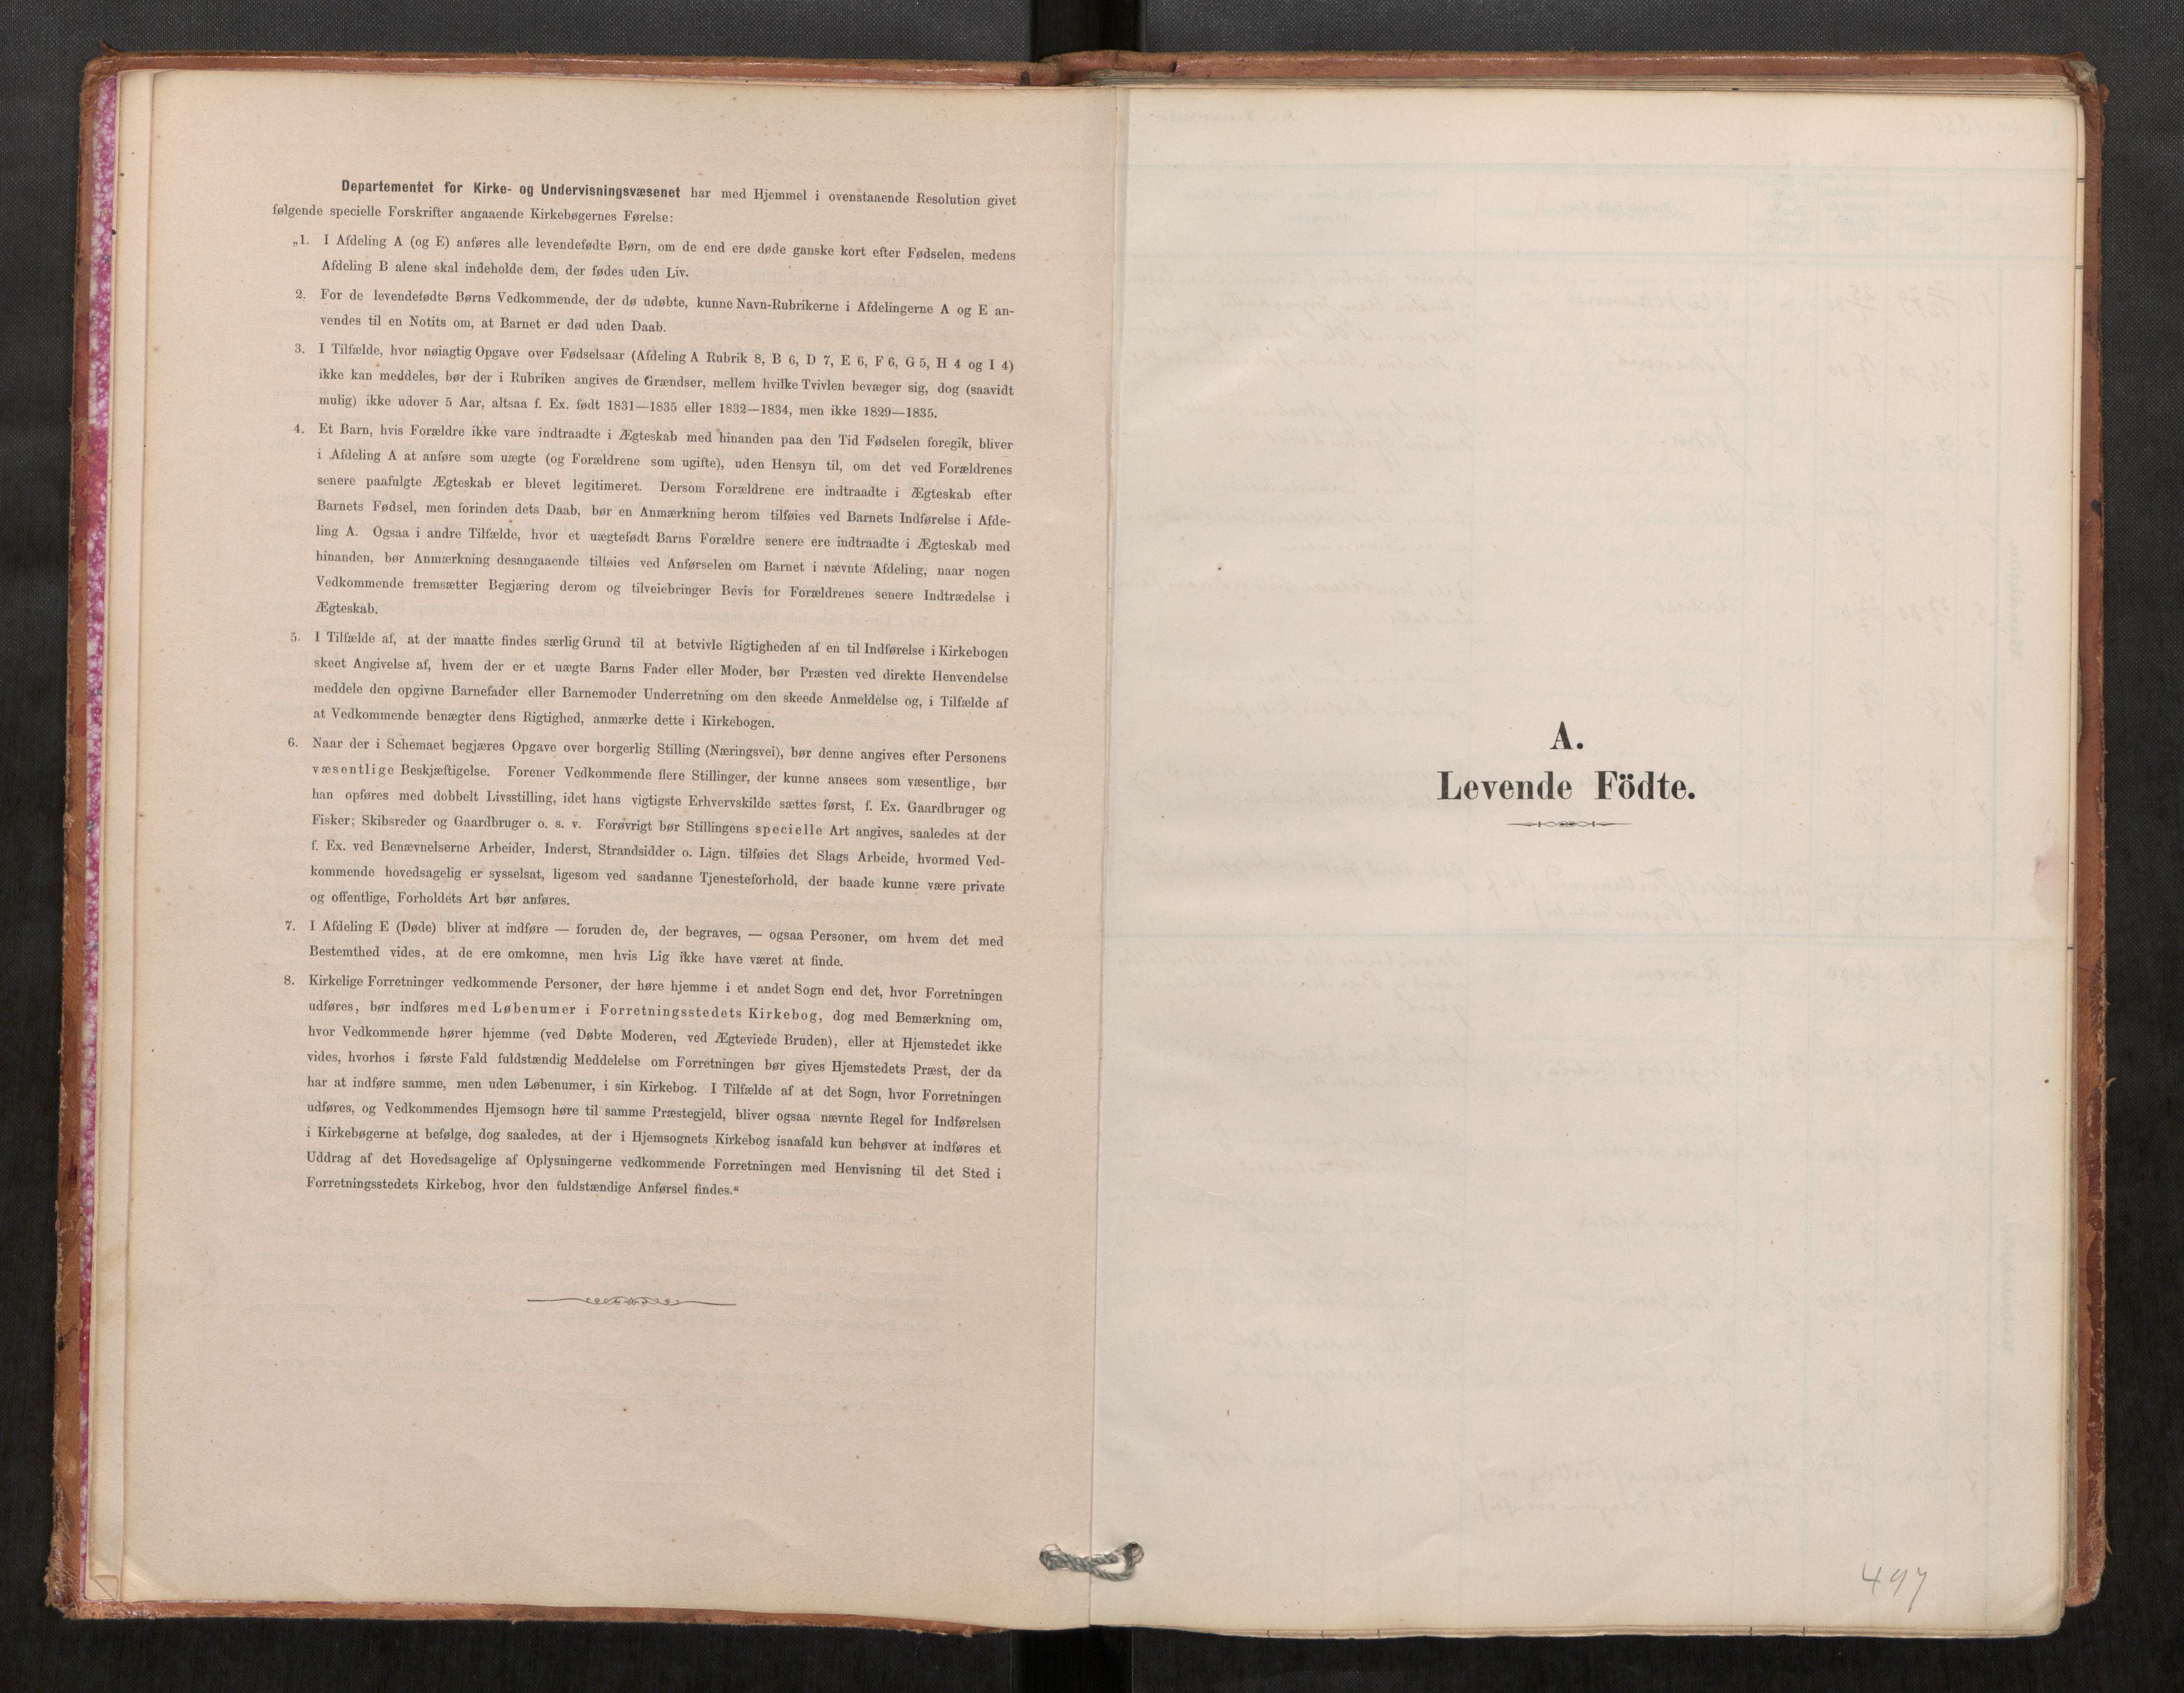 SAT, Klæbu sokneprestkontor, Parish register (official) no. 1, 1880-1900